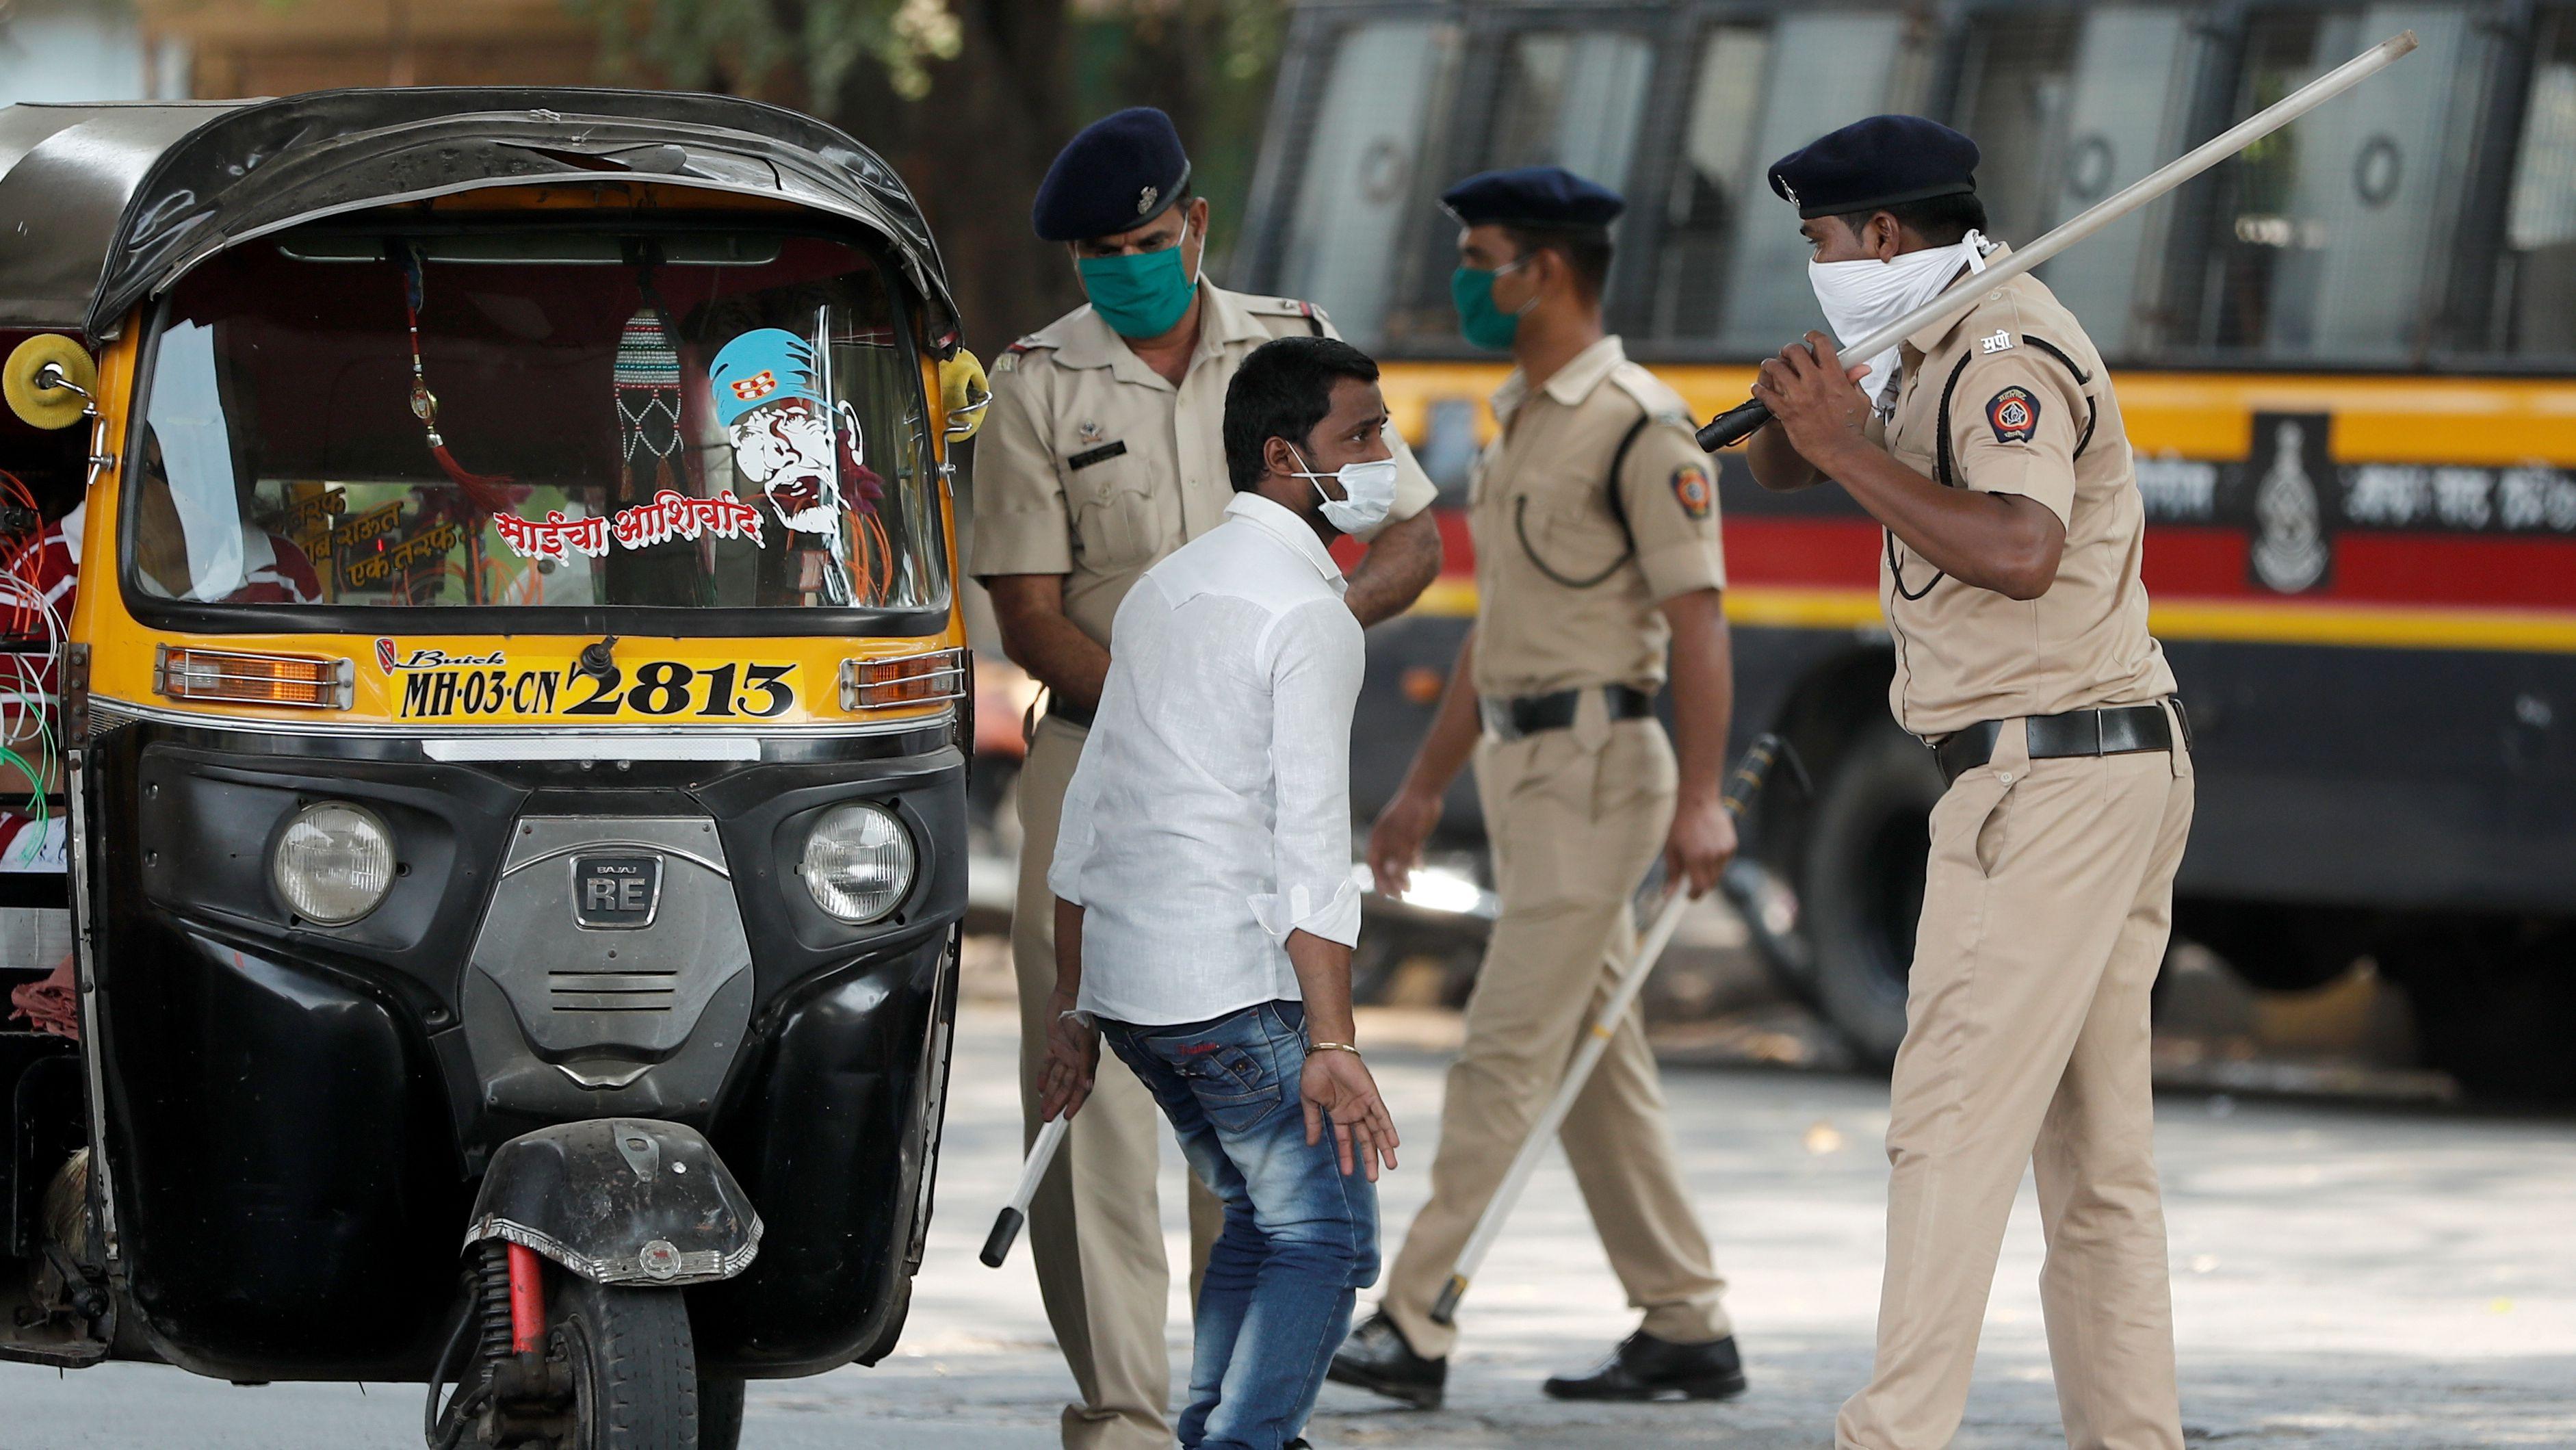 Lockdown in Indien - wer sich nicht daran hält, wird von der Polizei bestraft, auch Haftstrafen sind möglich